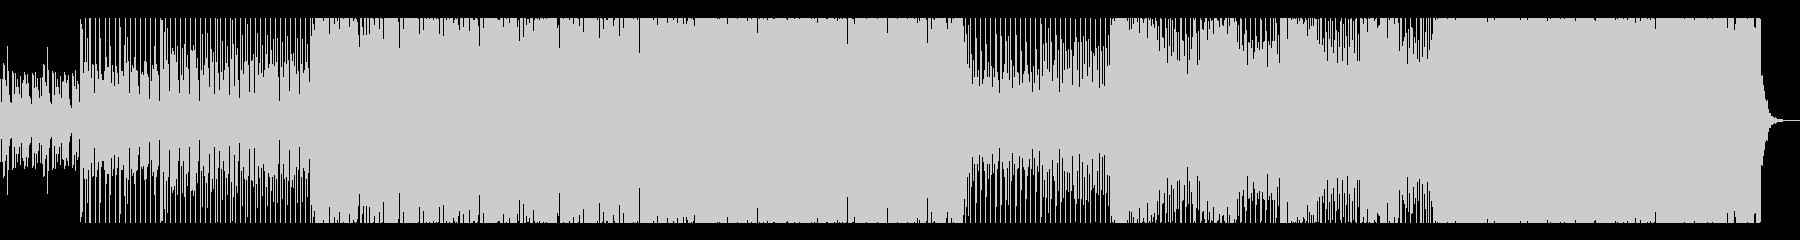 和風かつEDM風エレクトロニックな曲の未再生の波形